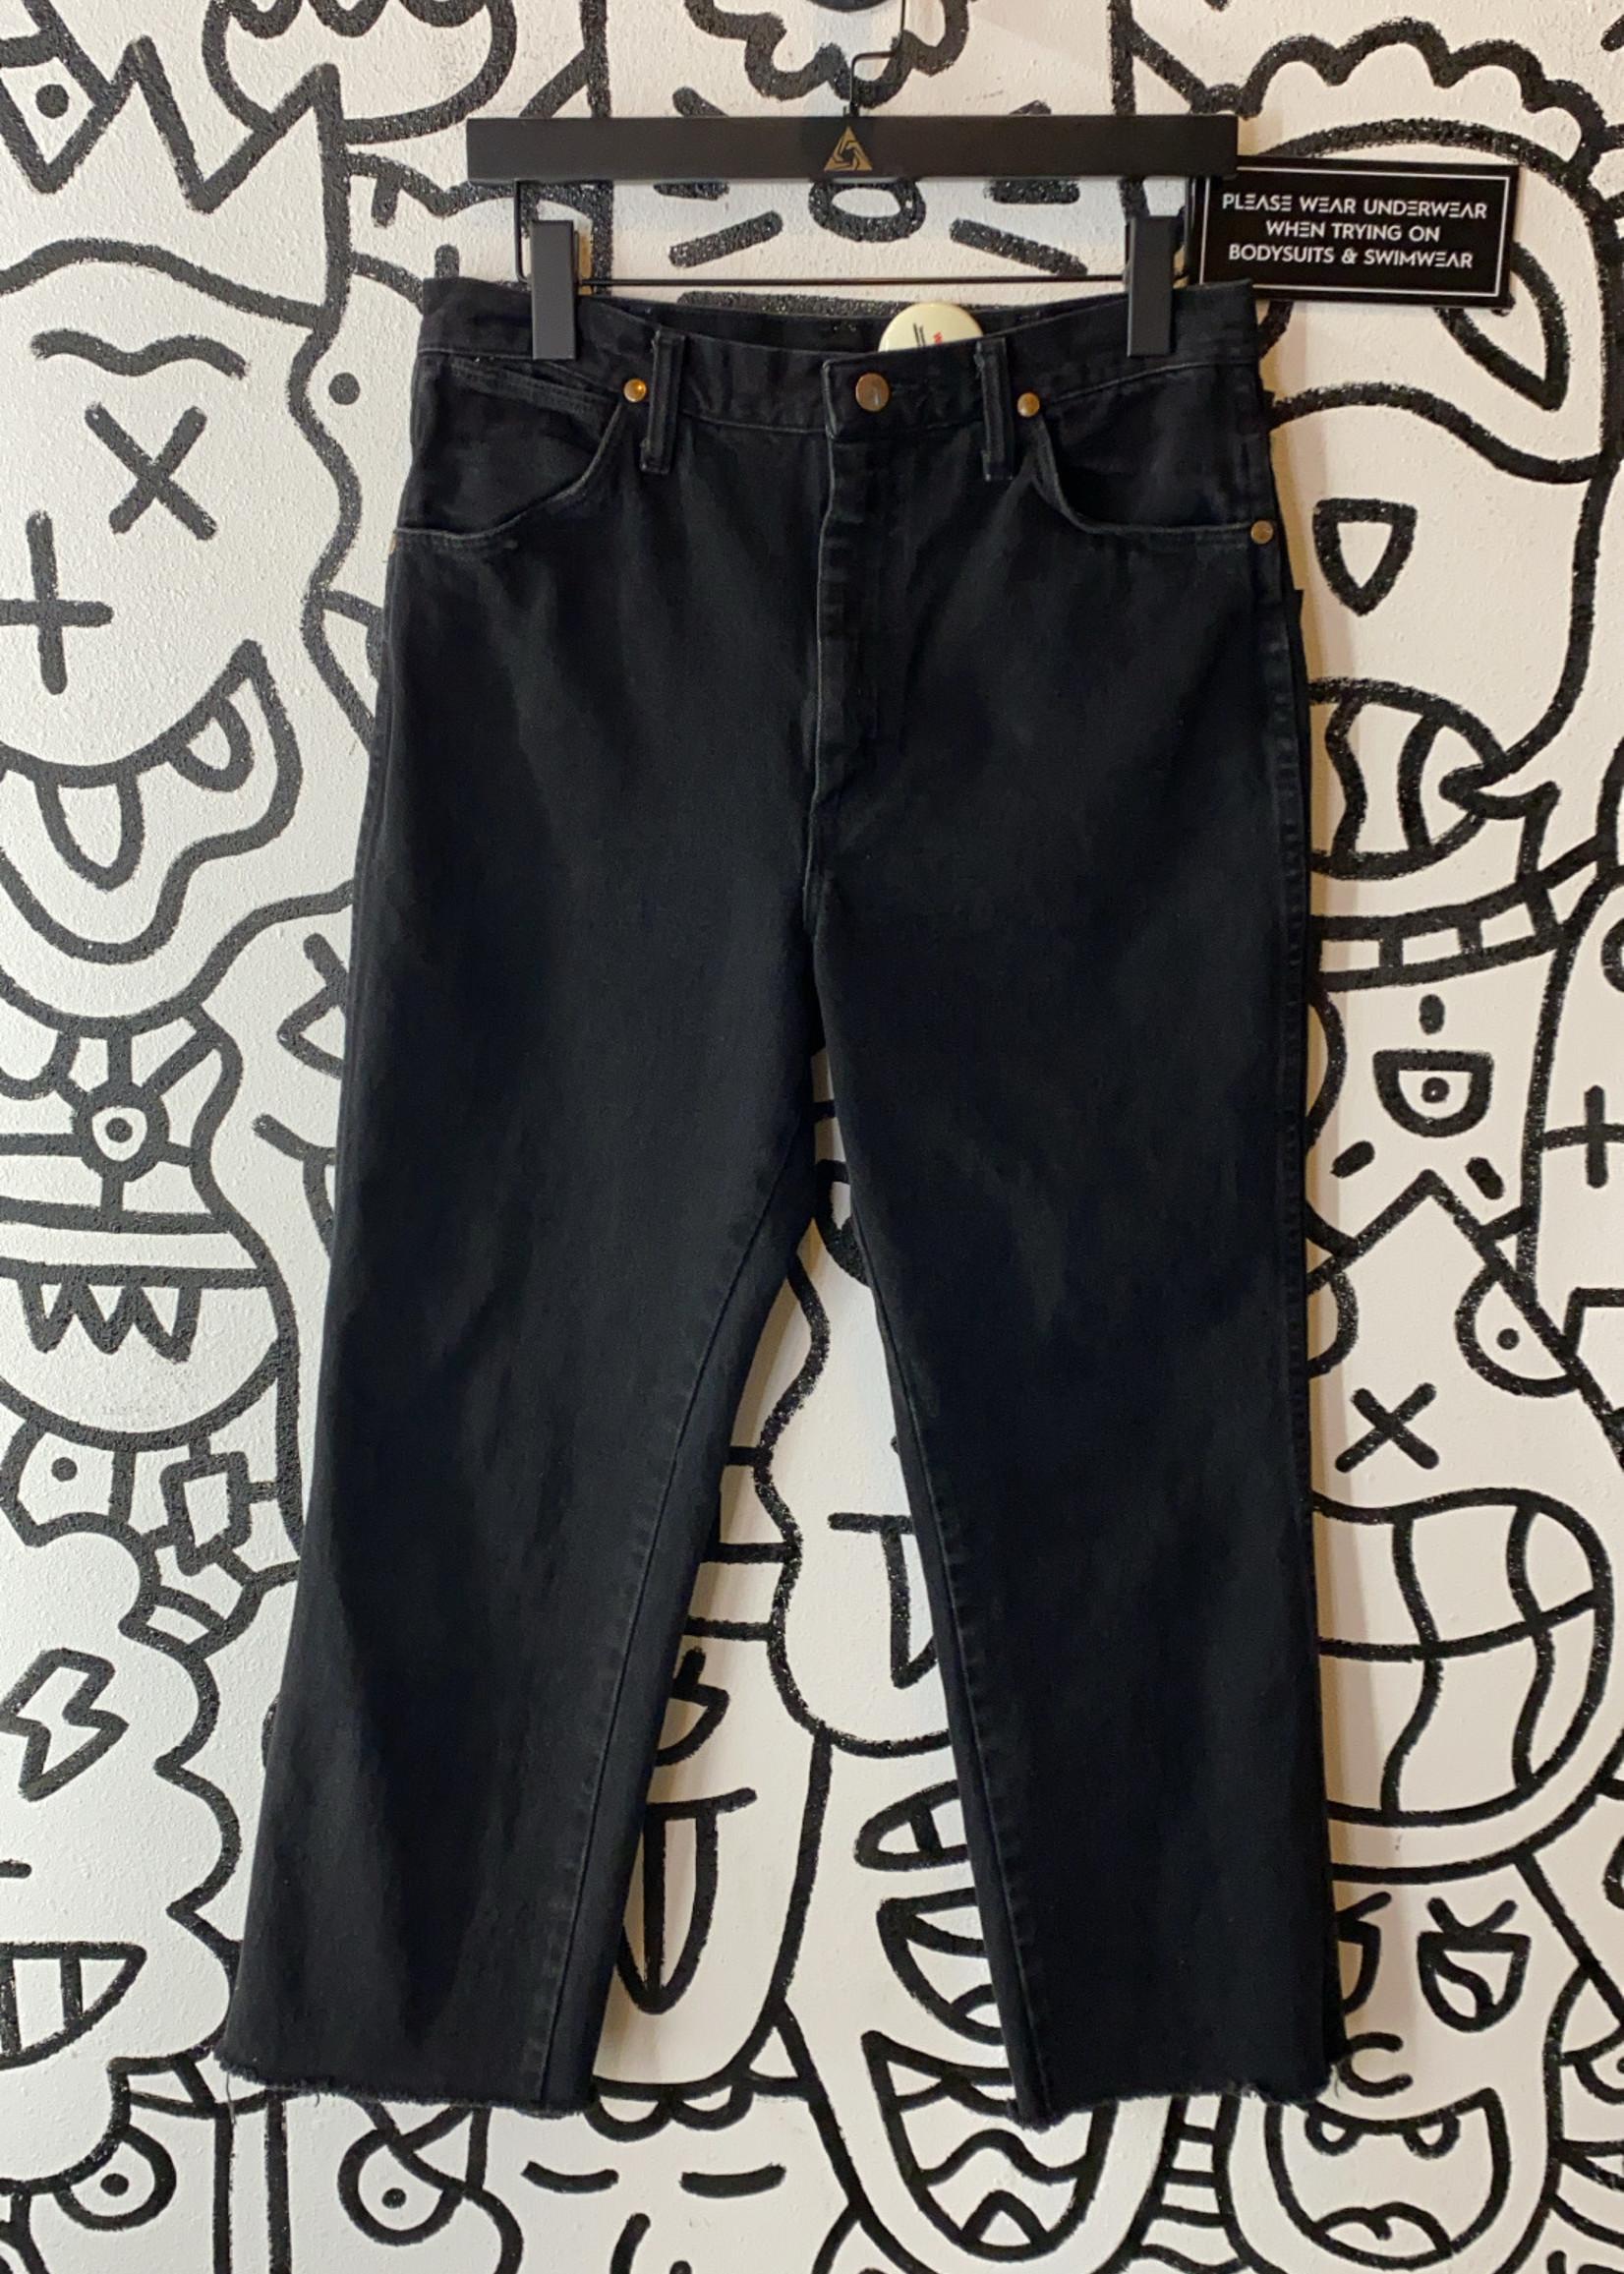 Vintage Wrangler Black Cropped Black Jeans 31